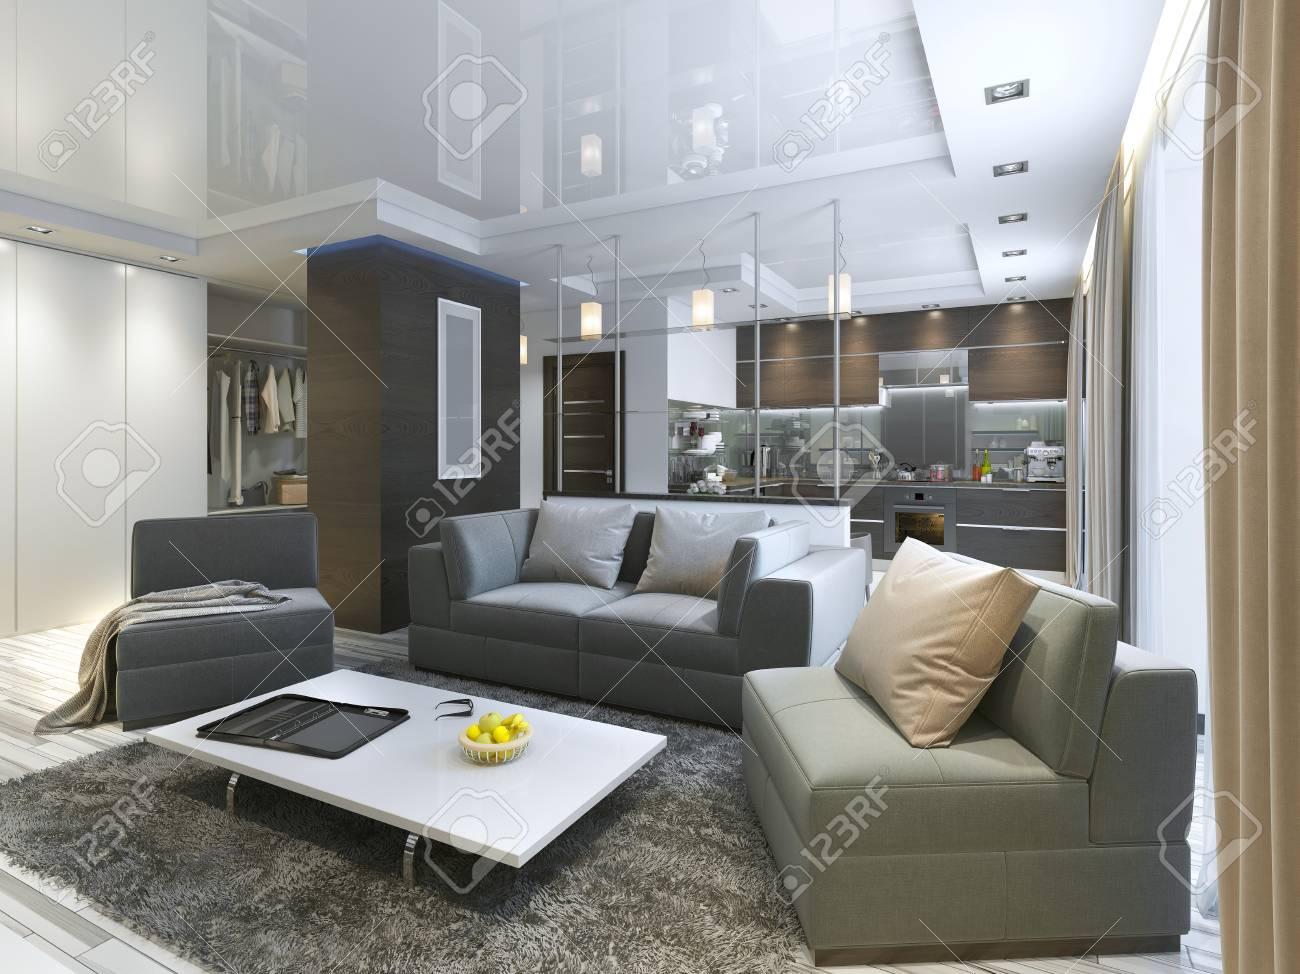 Studio de salon de luxe dans un style moderne avec des fauteuils  confortables et un canapé en vert olive. Studio avec cuisine et salle de  séjour et un ...